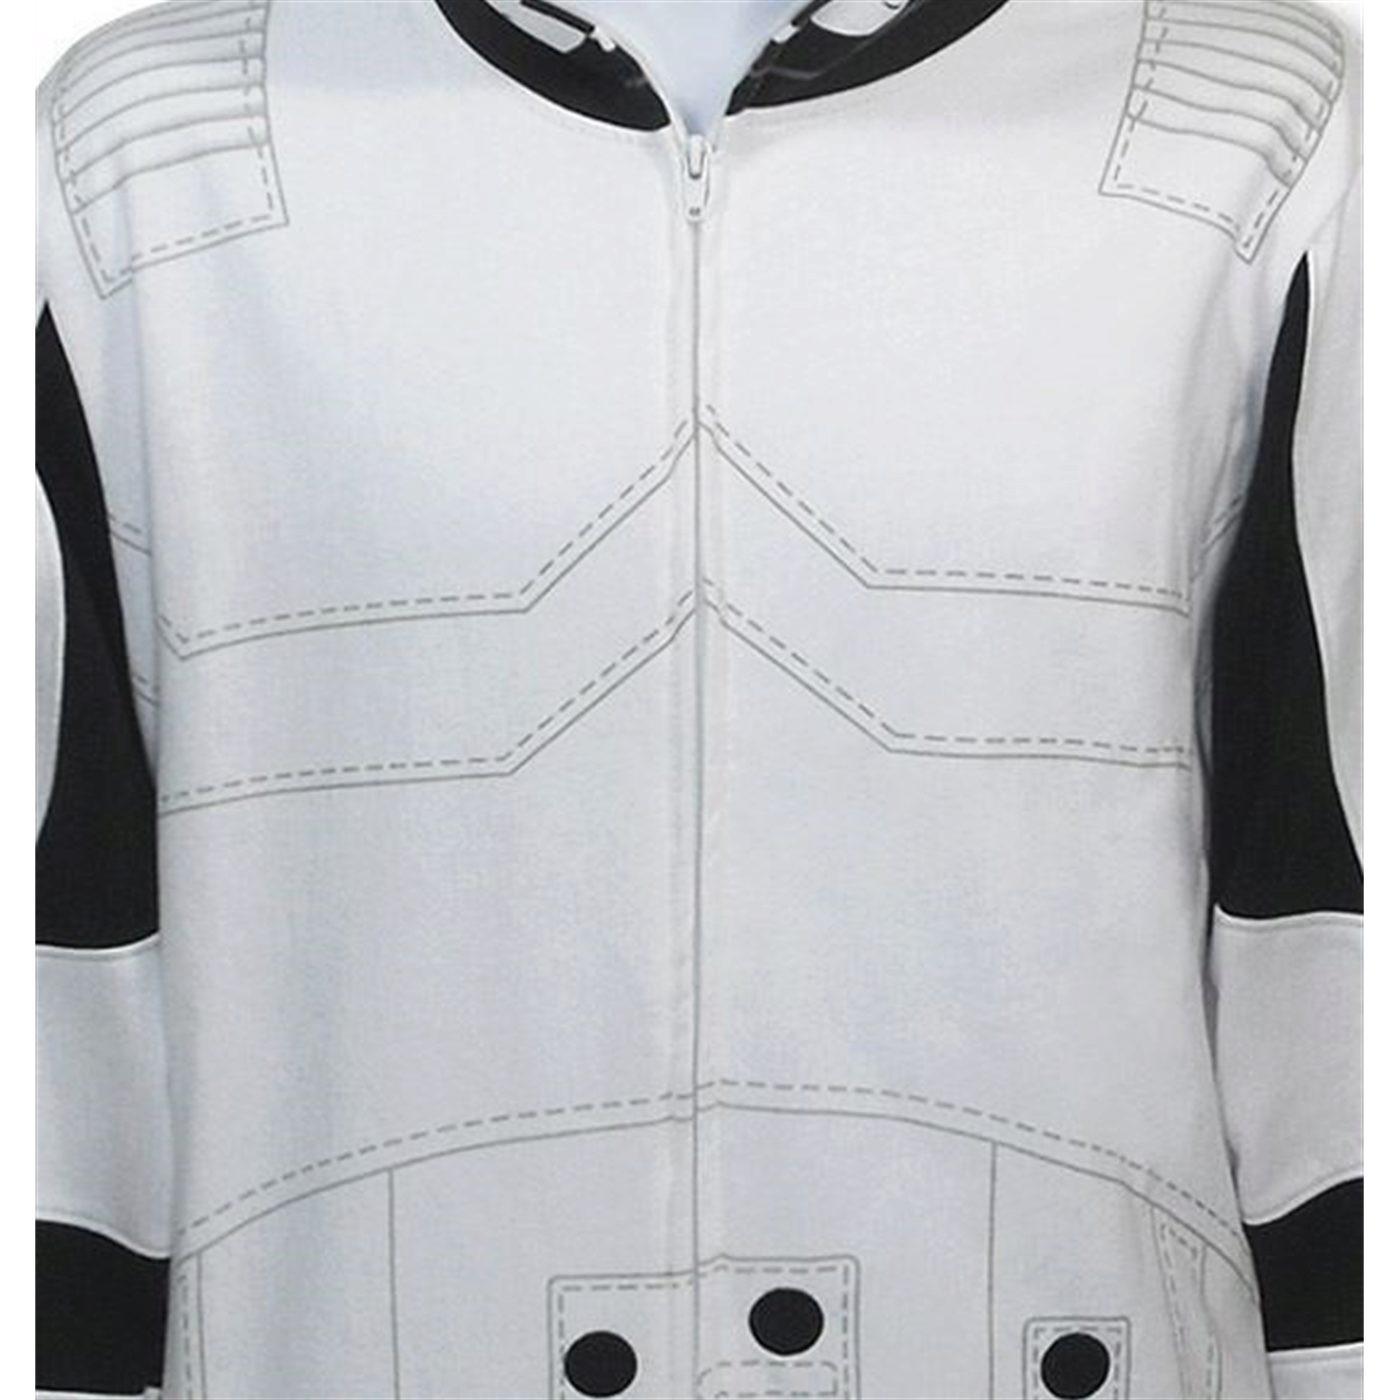 Stormtrooper Original Costume Hoodie